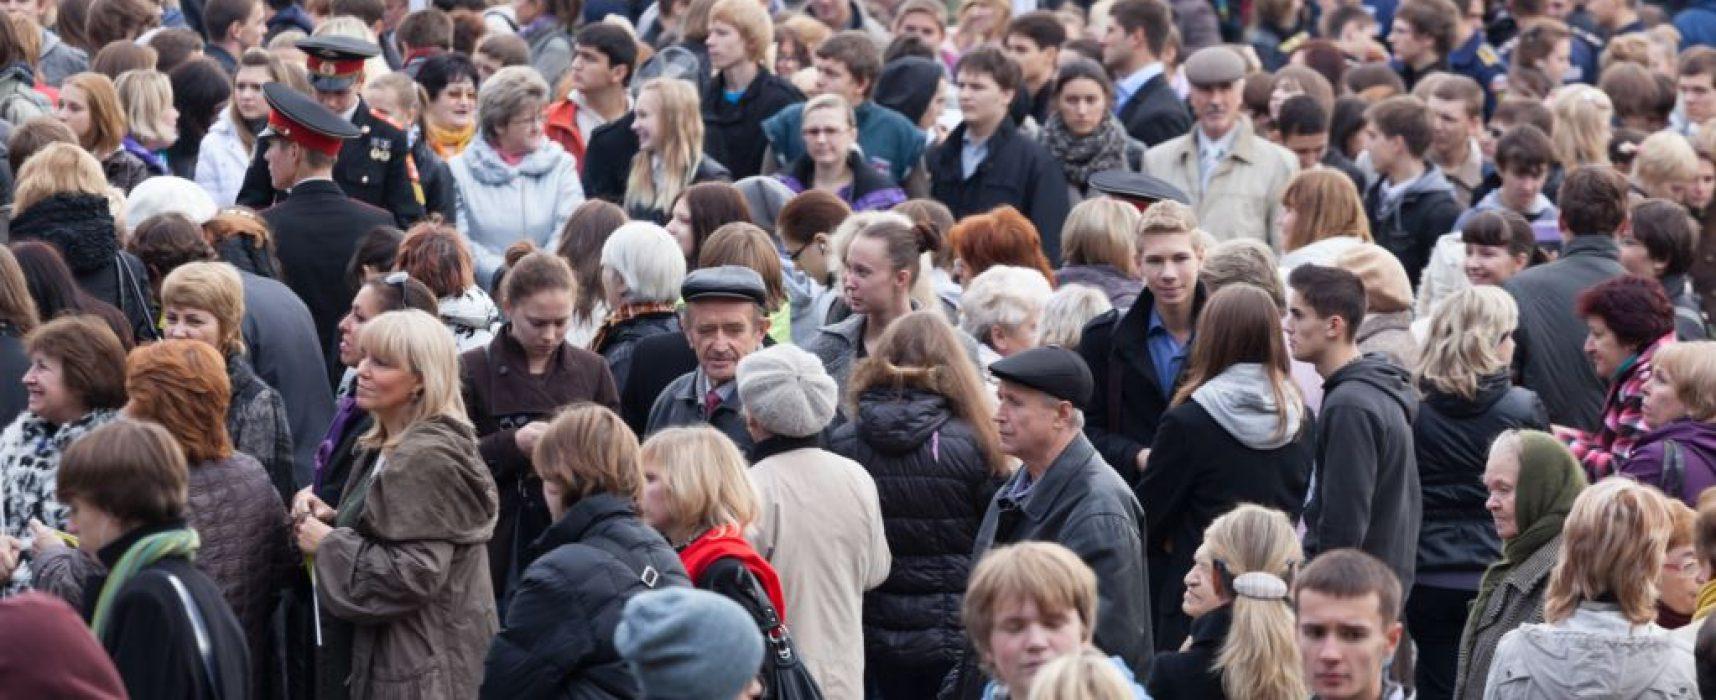 «Левада-центр»: 52 процента россиян считают, что власти лгут о положении дел в стране